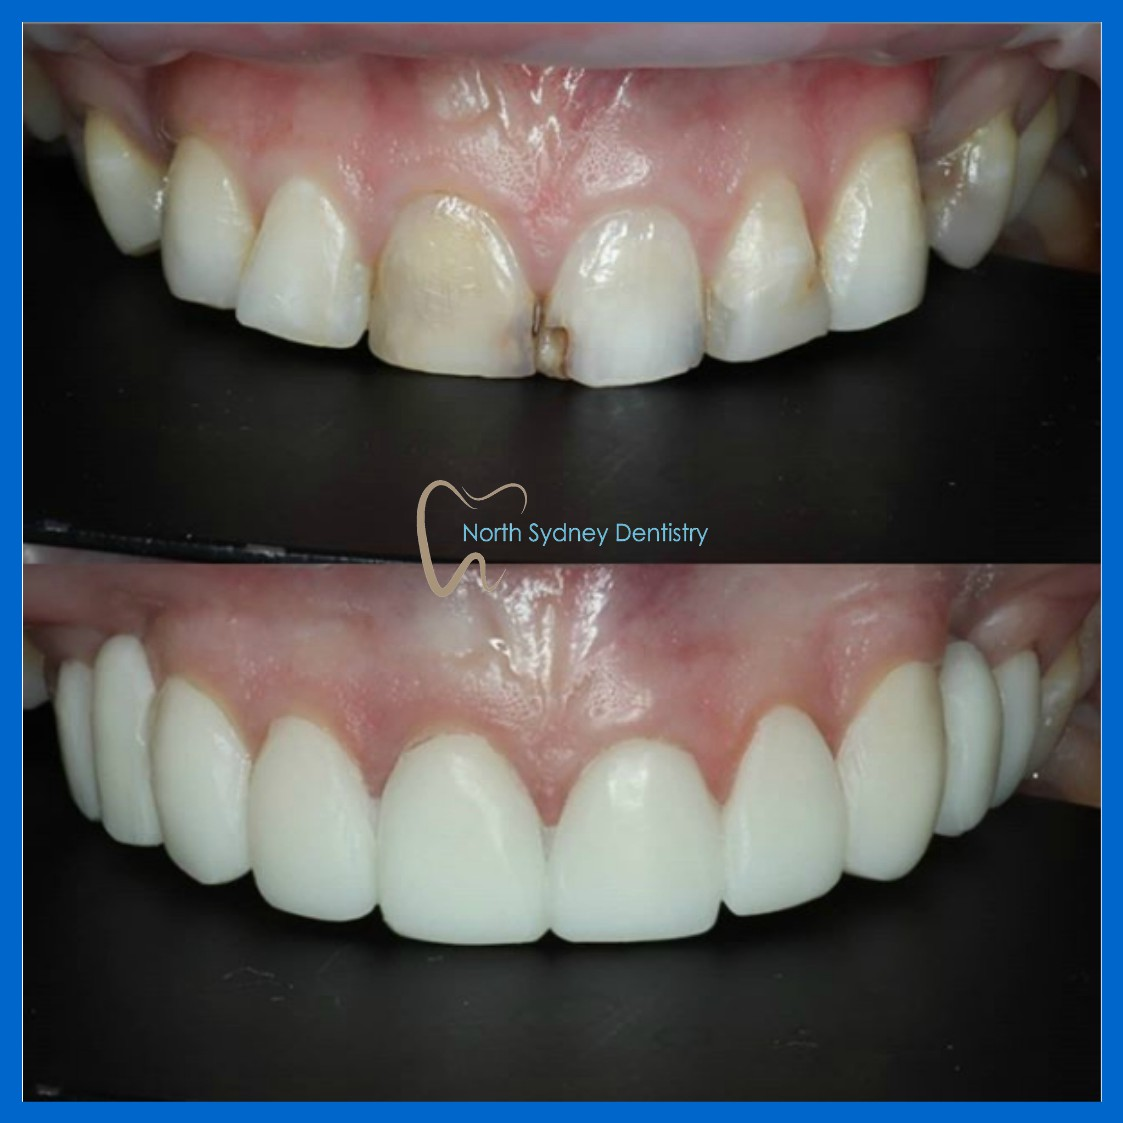 Dental veneers in North Sydney